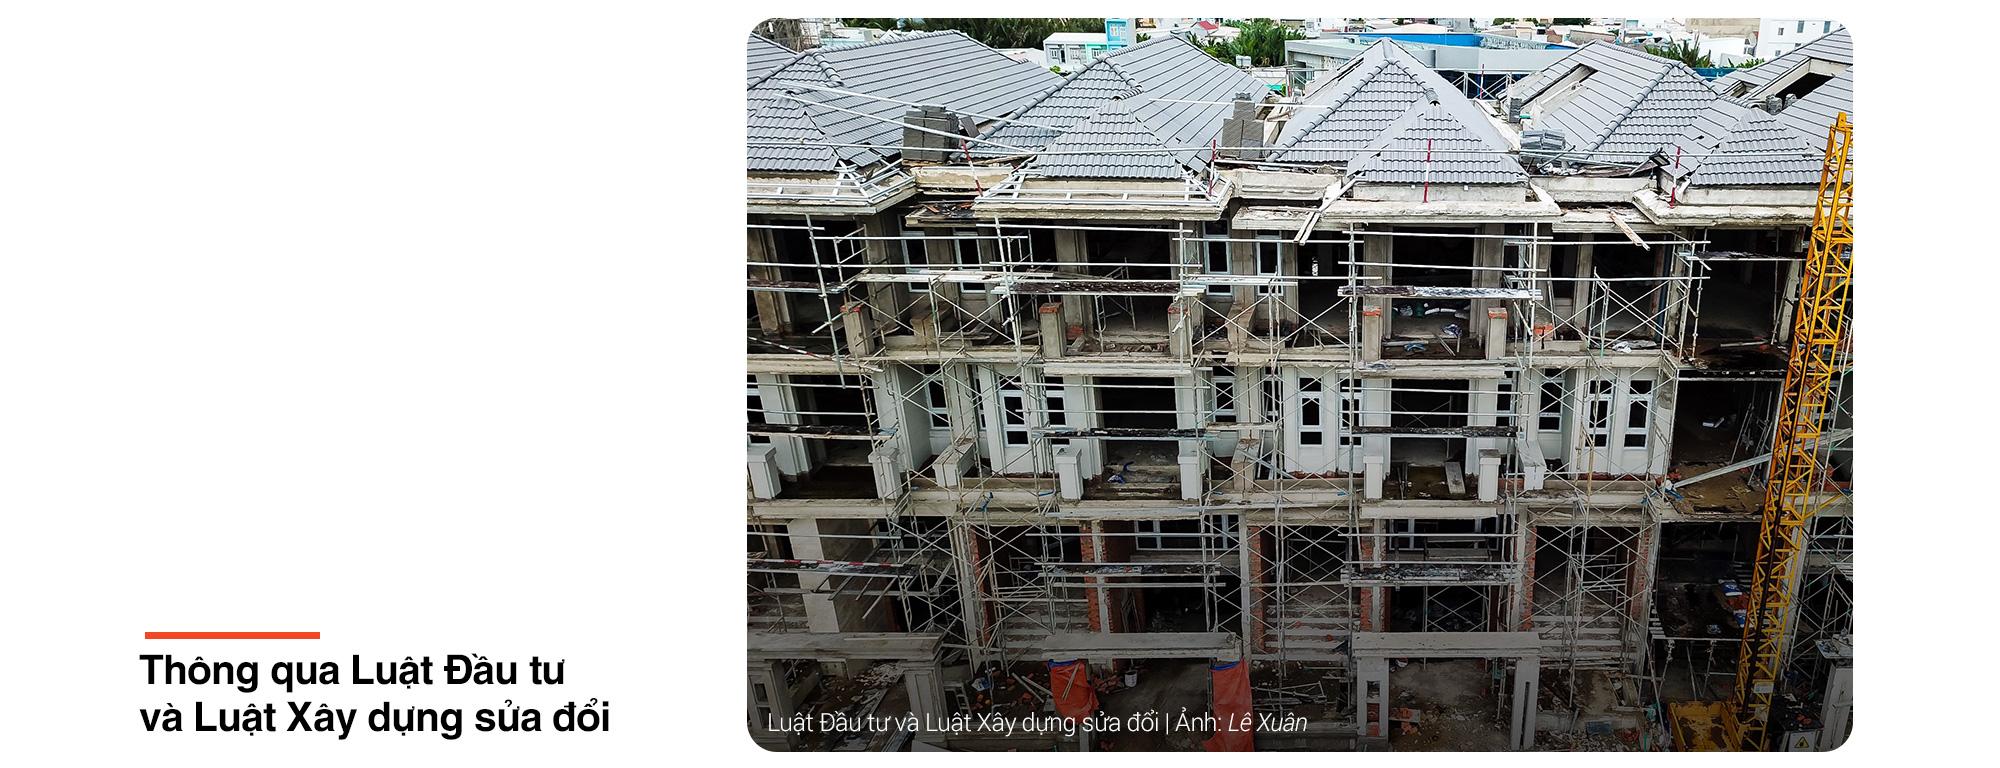 Năm bùng nổ đại dự án hạ tầng và quy hoạch đặc biệt 'thành phố trong thành phố' - Ảnh 6.